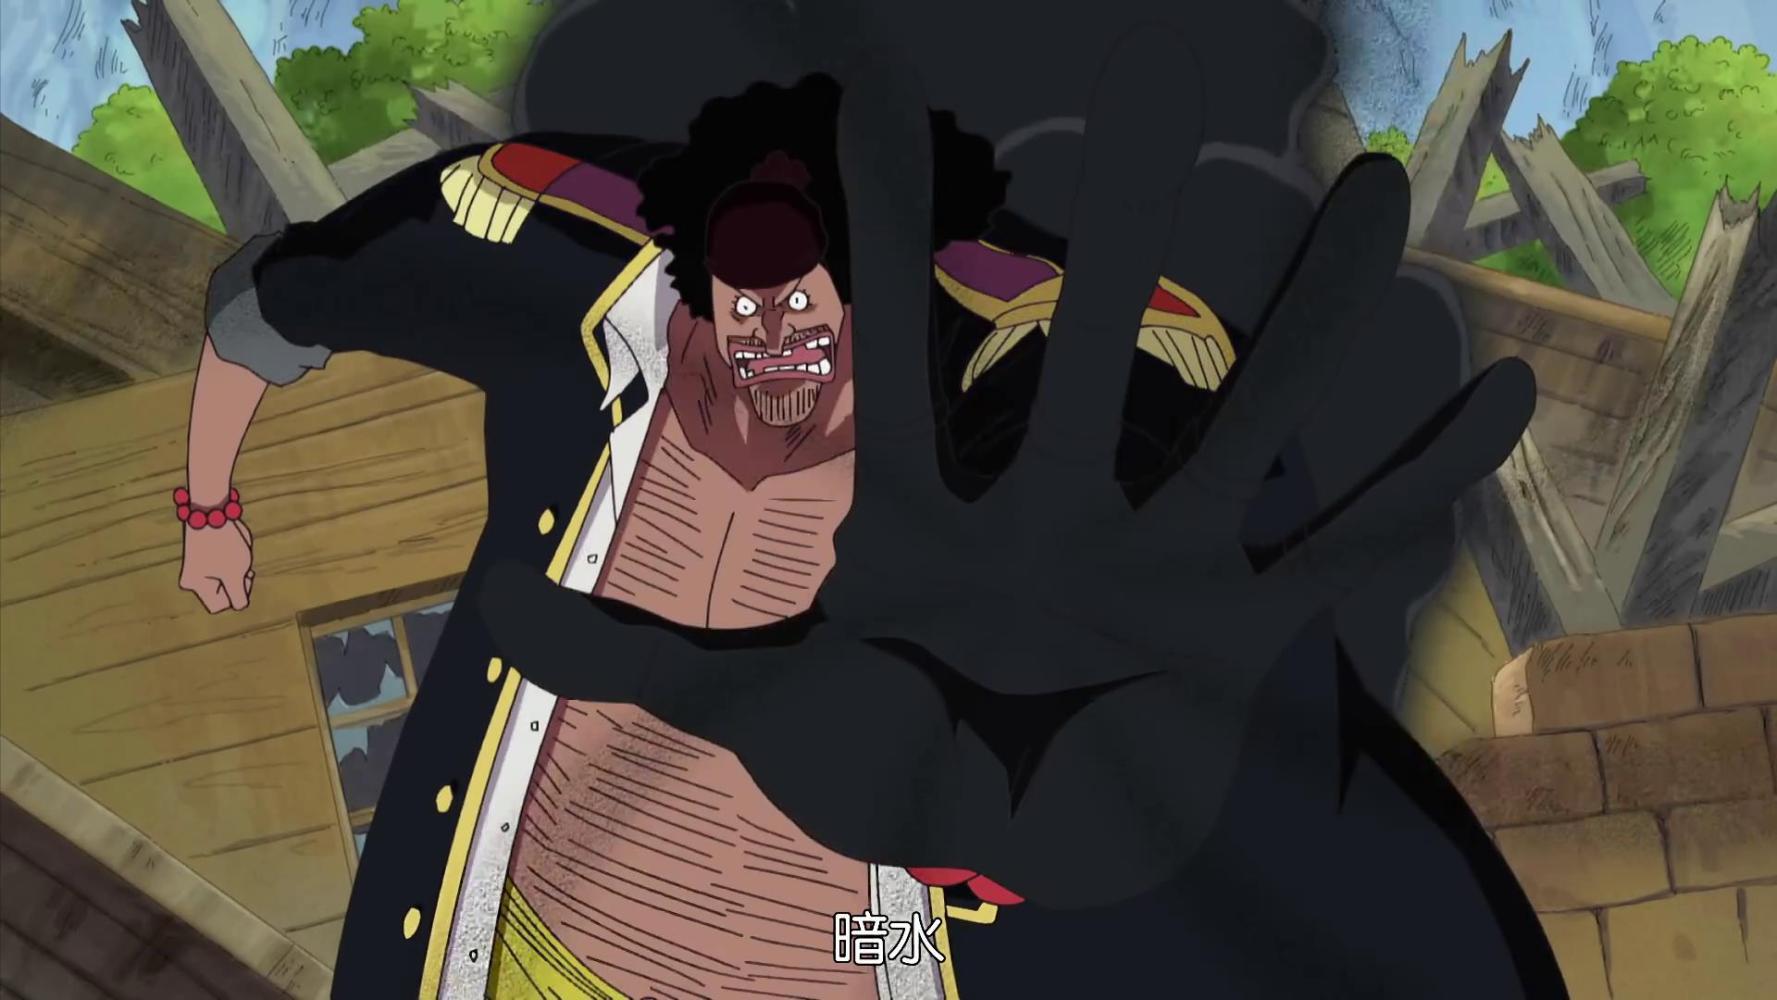 海贼王唯一一颗能力者死后不会再出现的果实,食用者是古董级别了